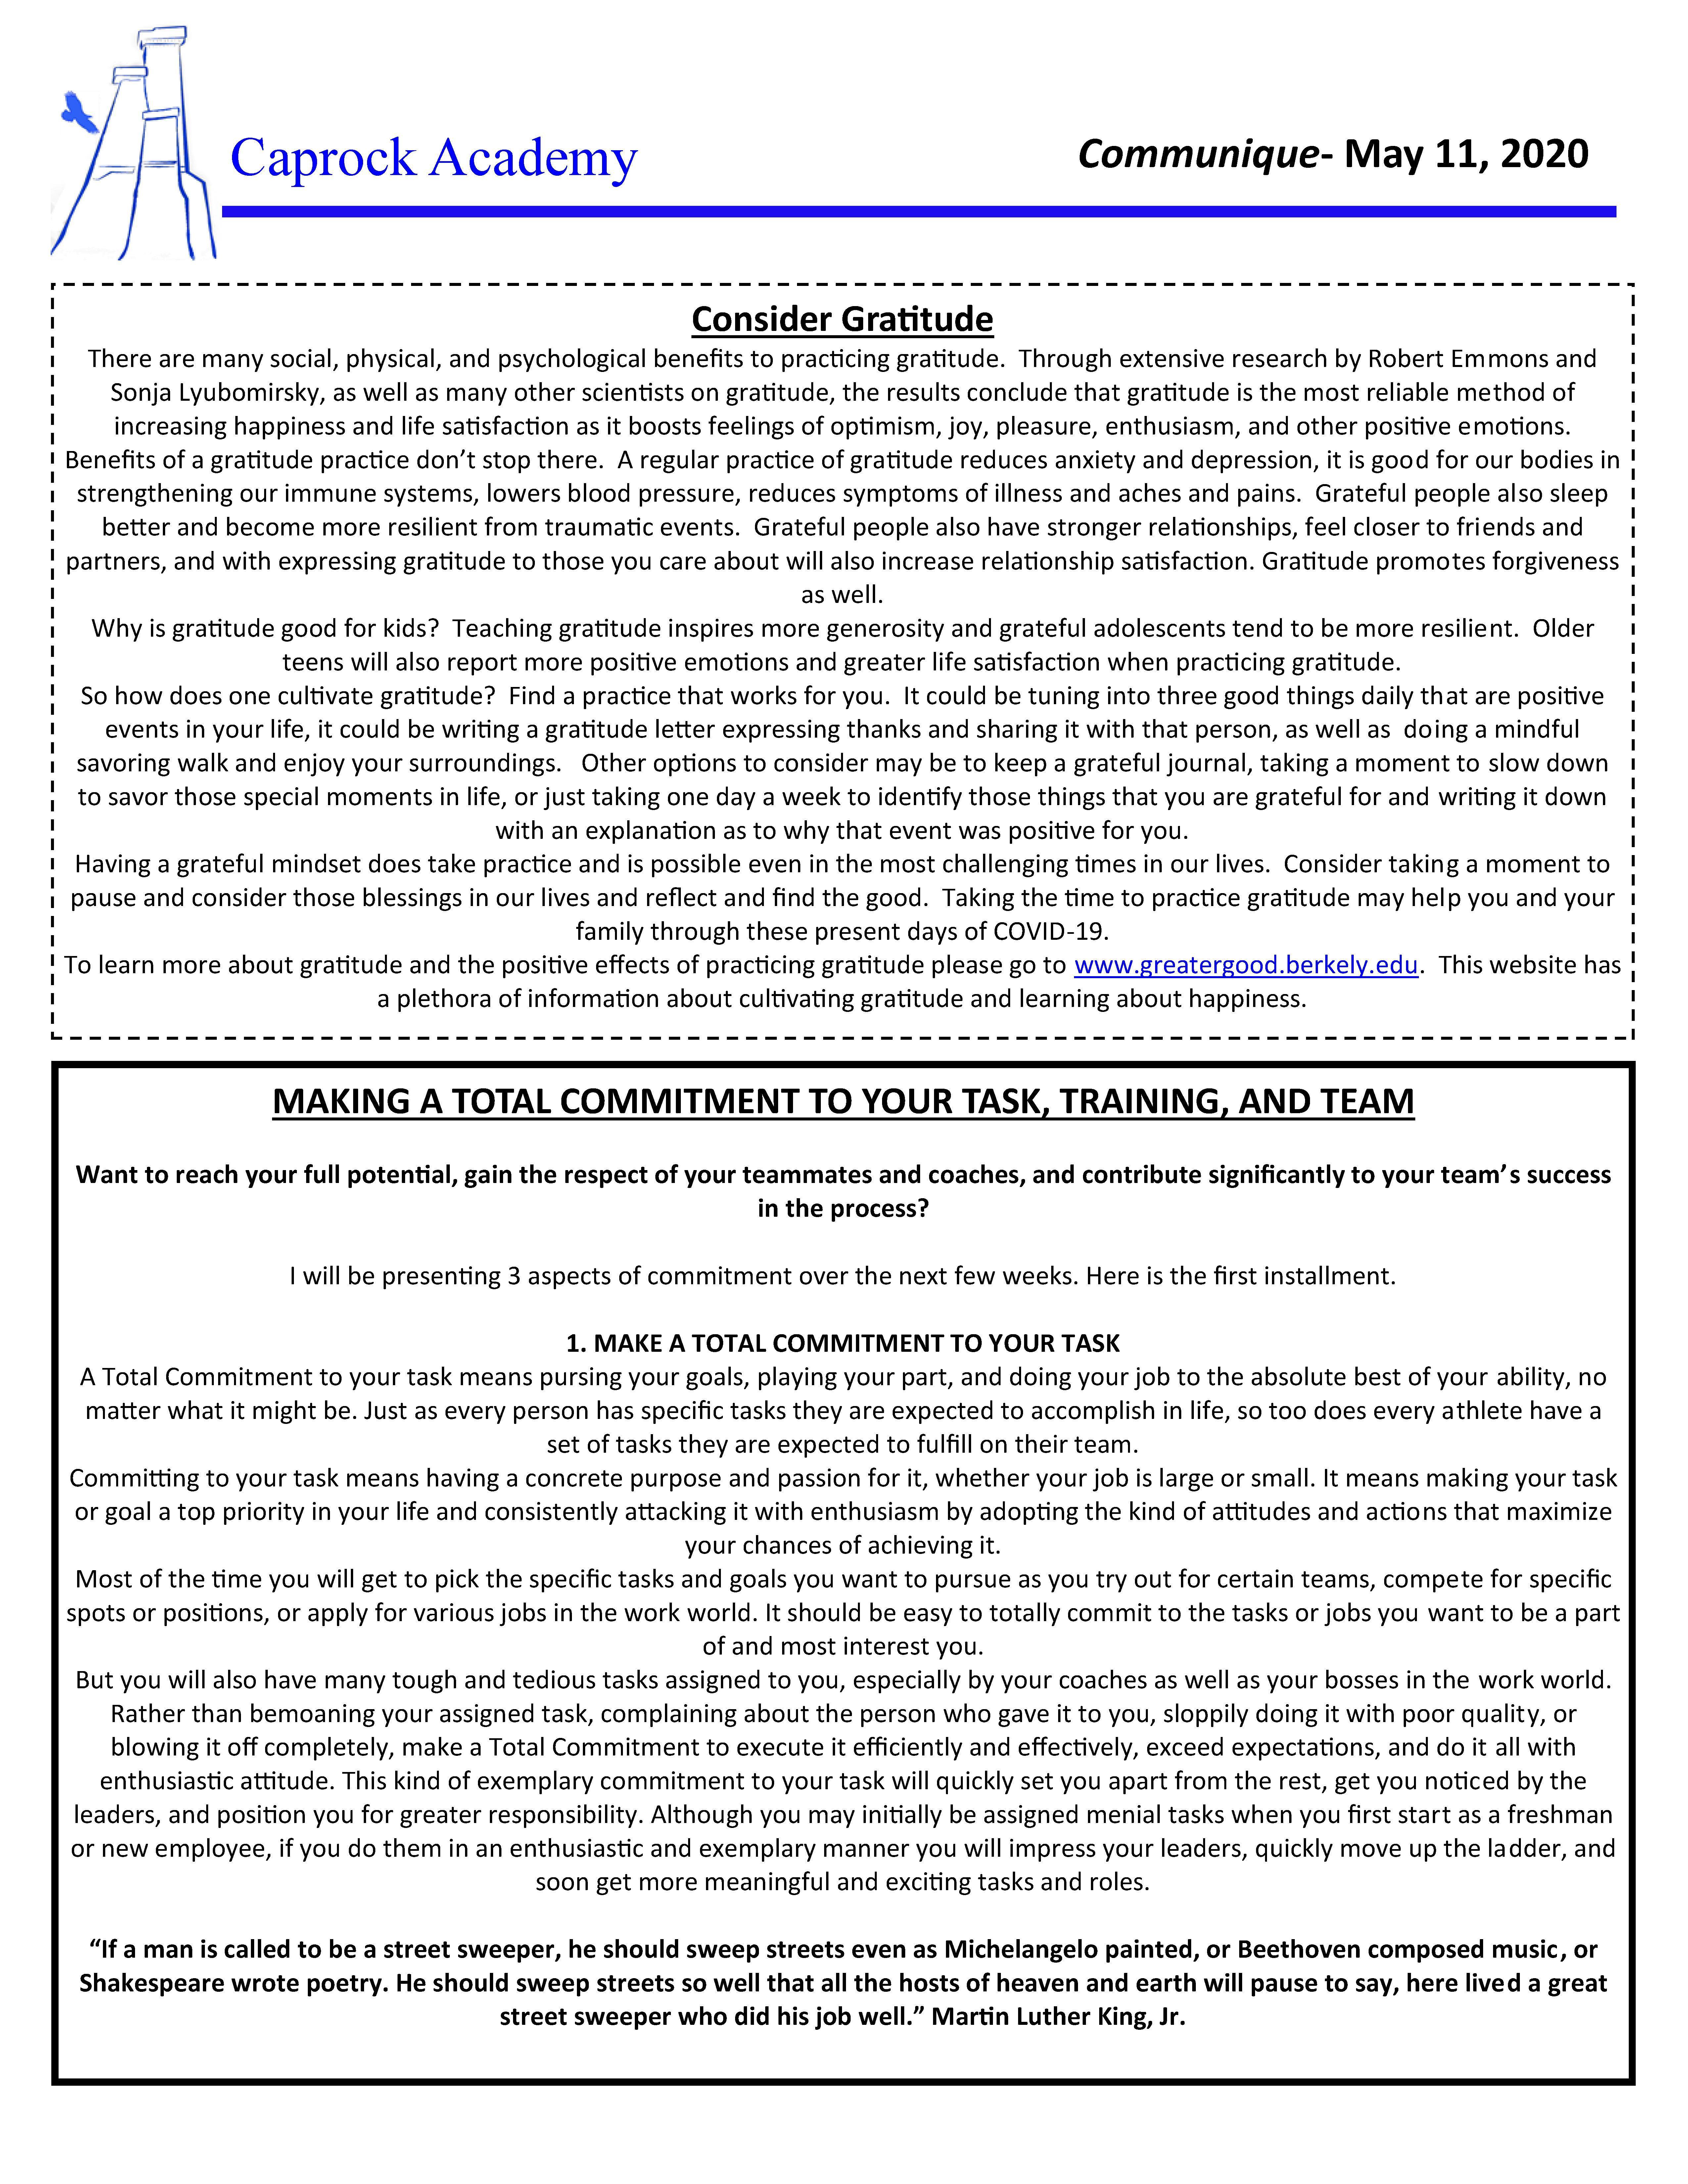 5-11-20 Communique pg 2 of 5